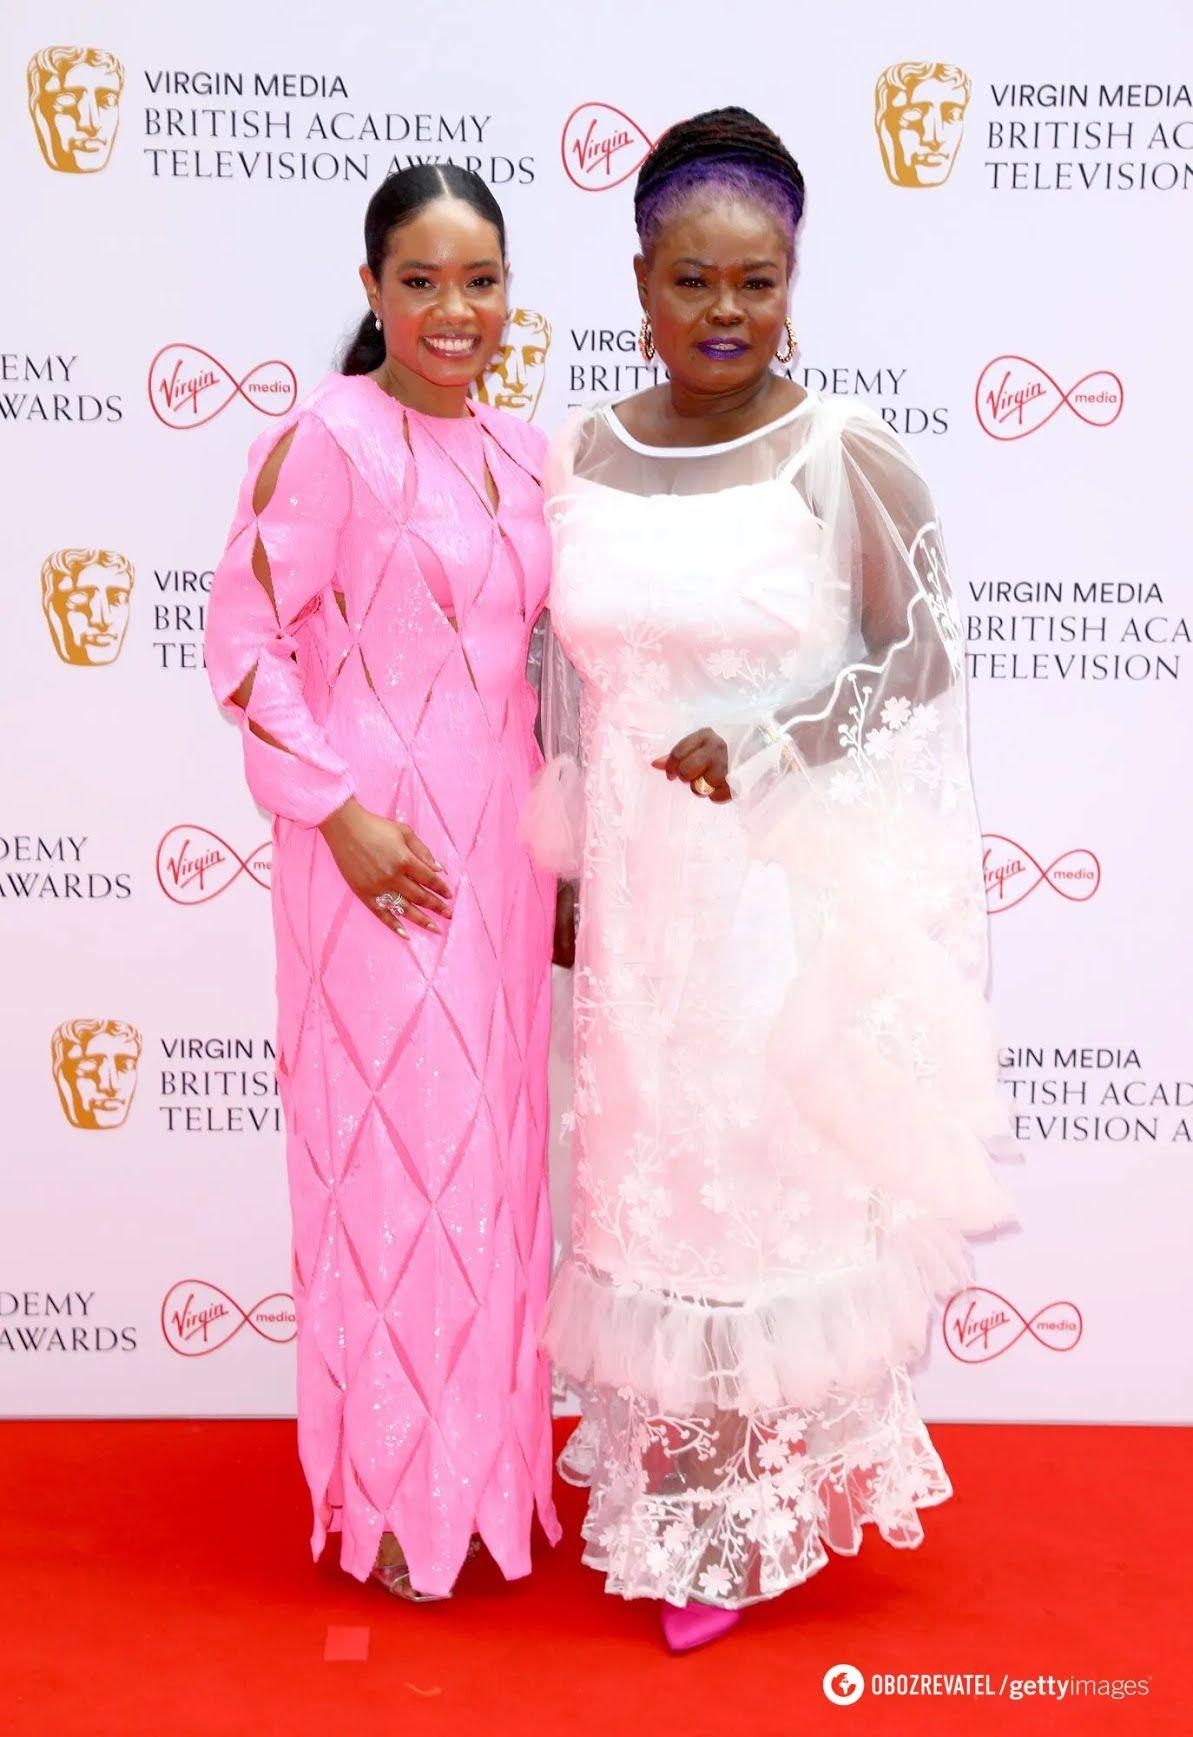 Образы на премии BAFTA 2021